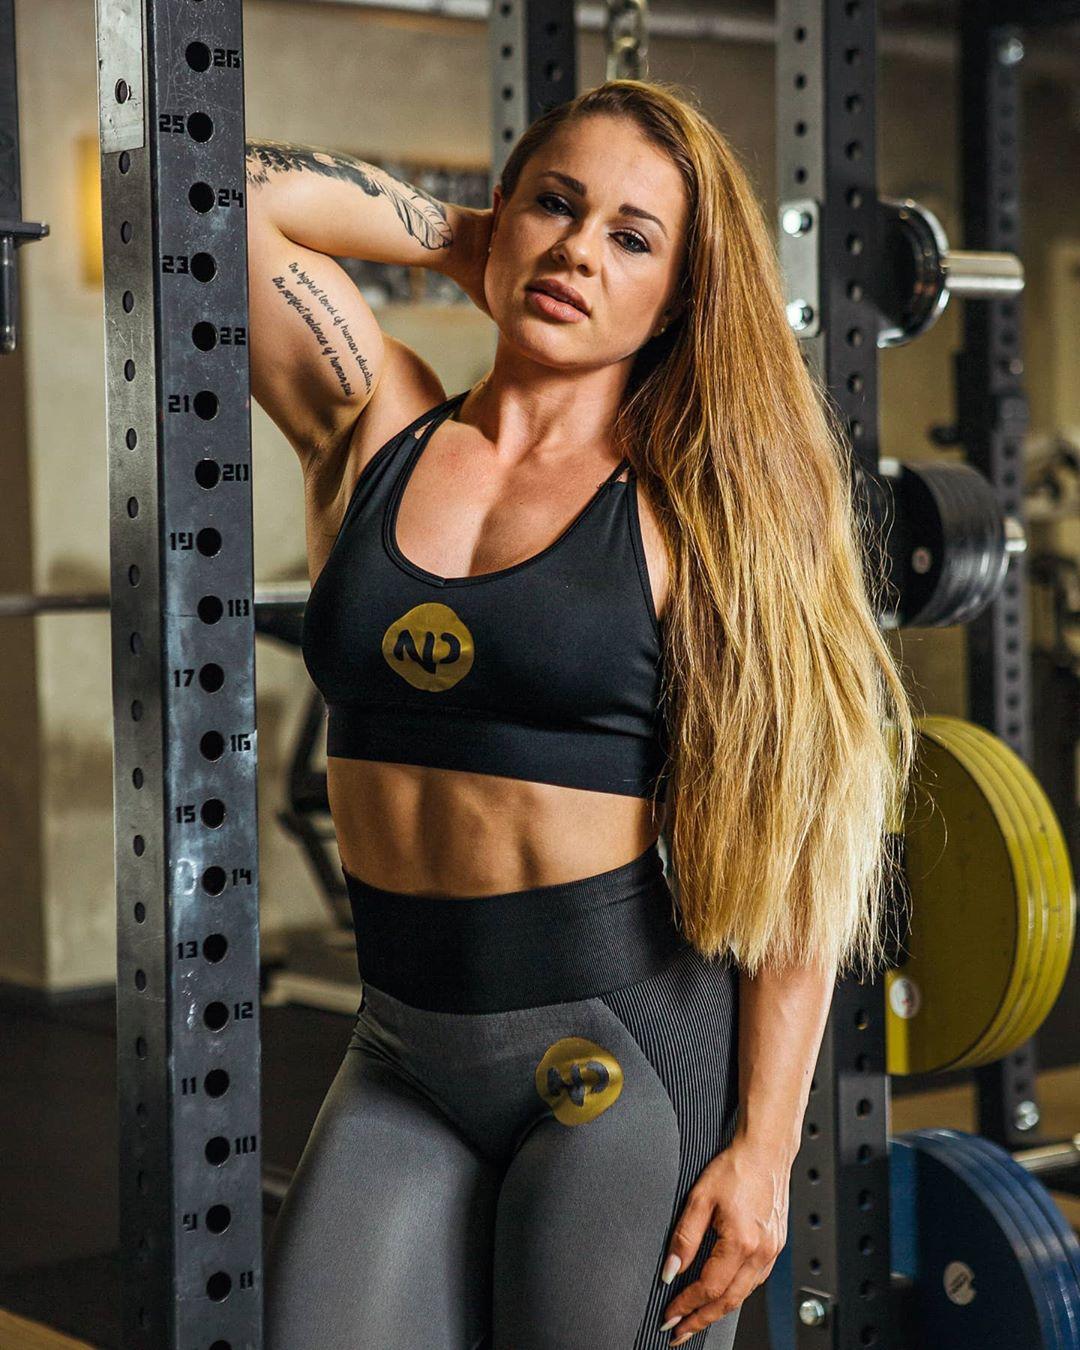 Johanna Klatt